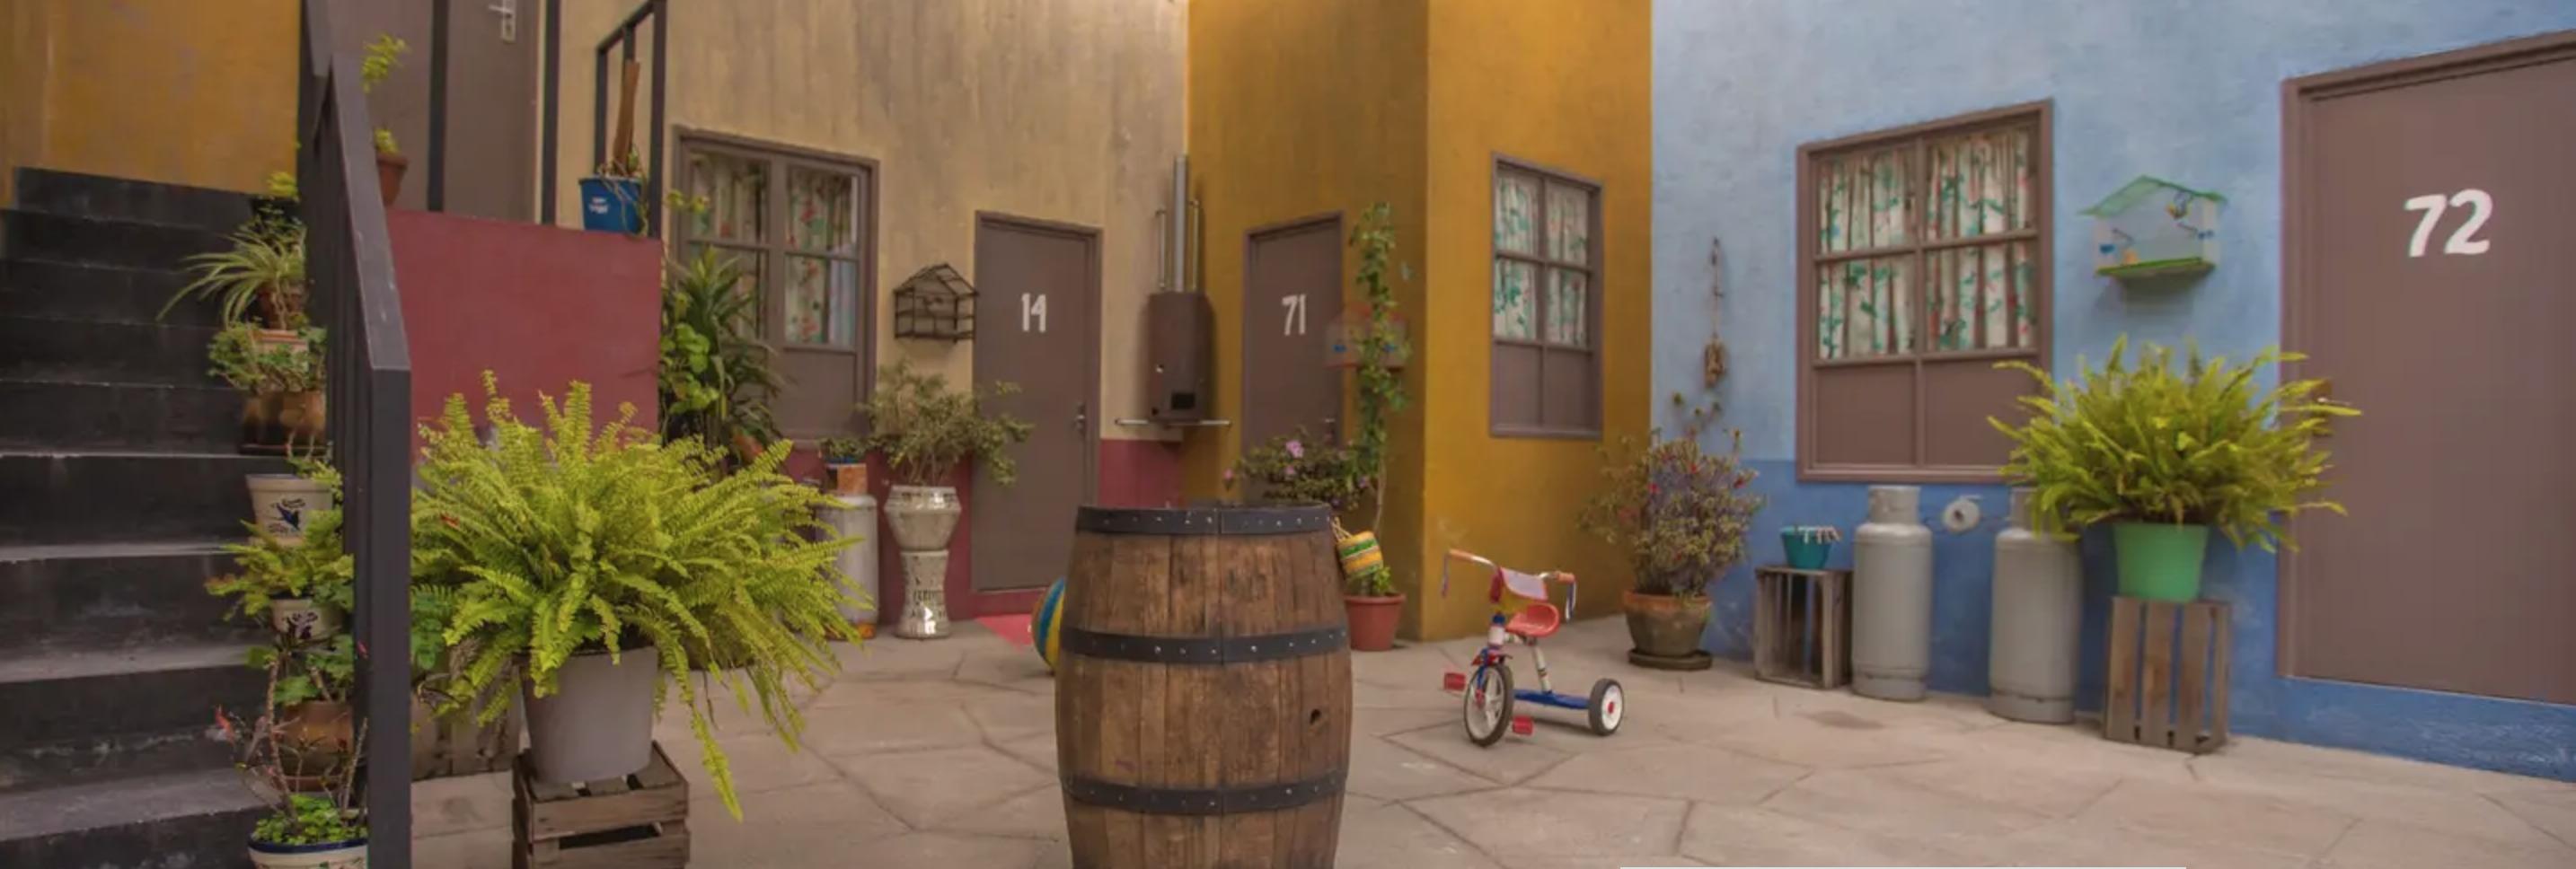 Vecindad de El Chavo del 8